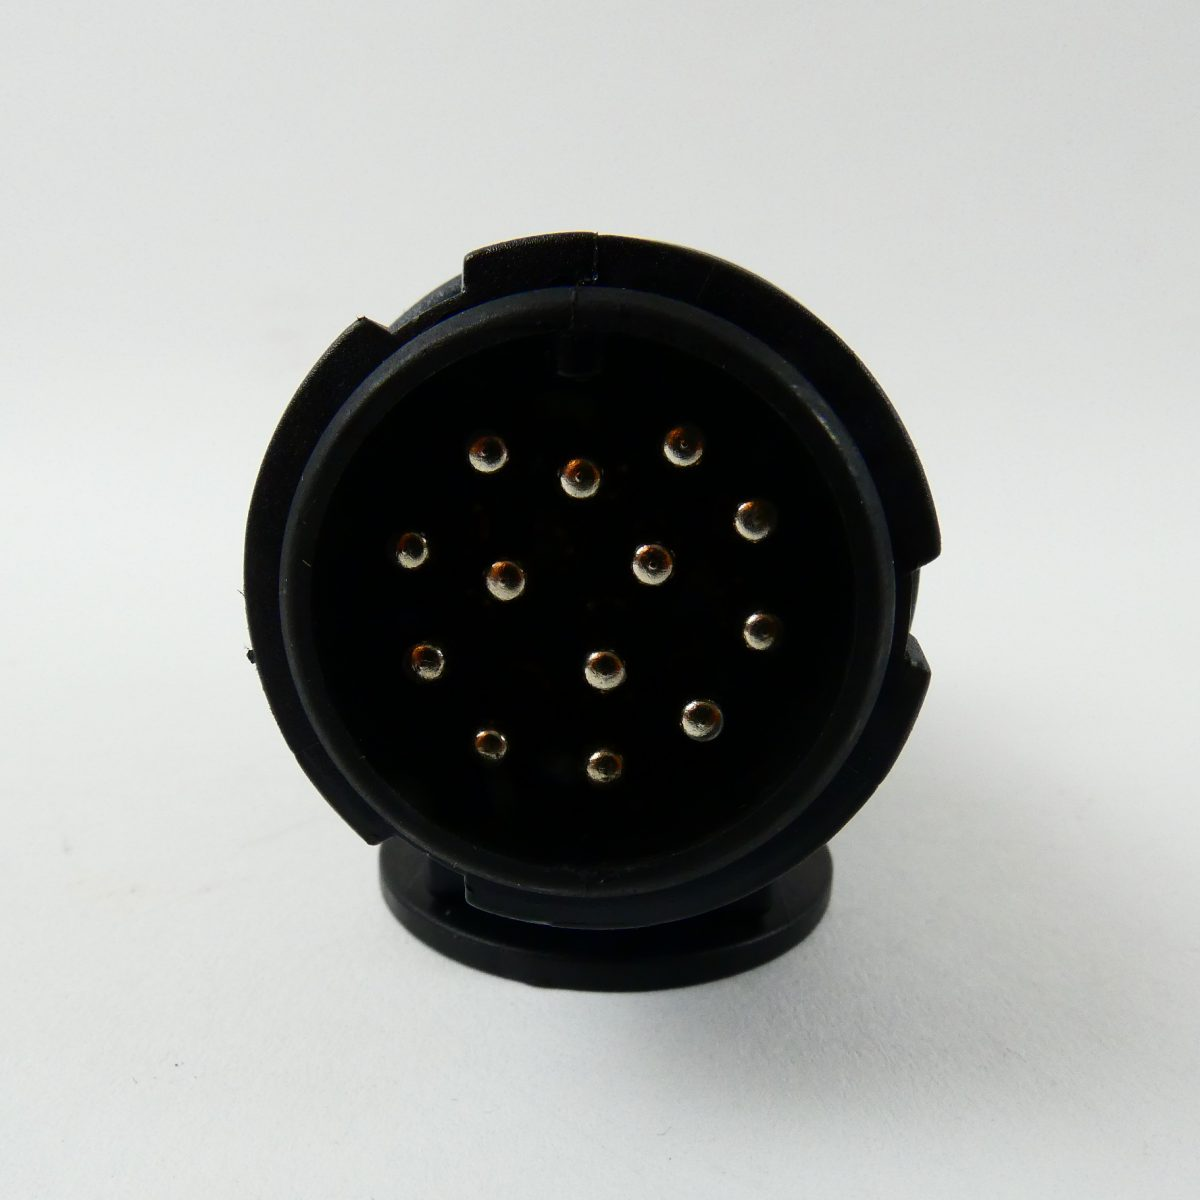 Trailerdoos adapter 13 polig